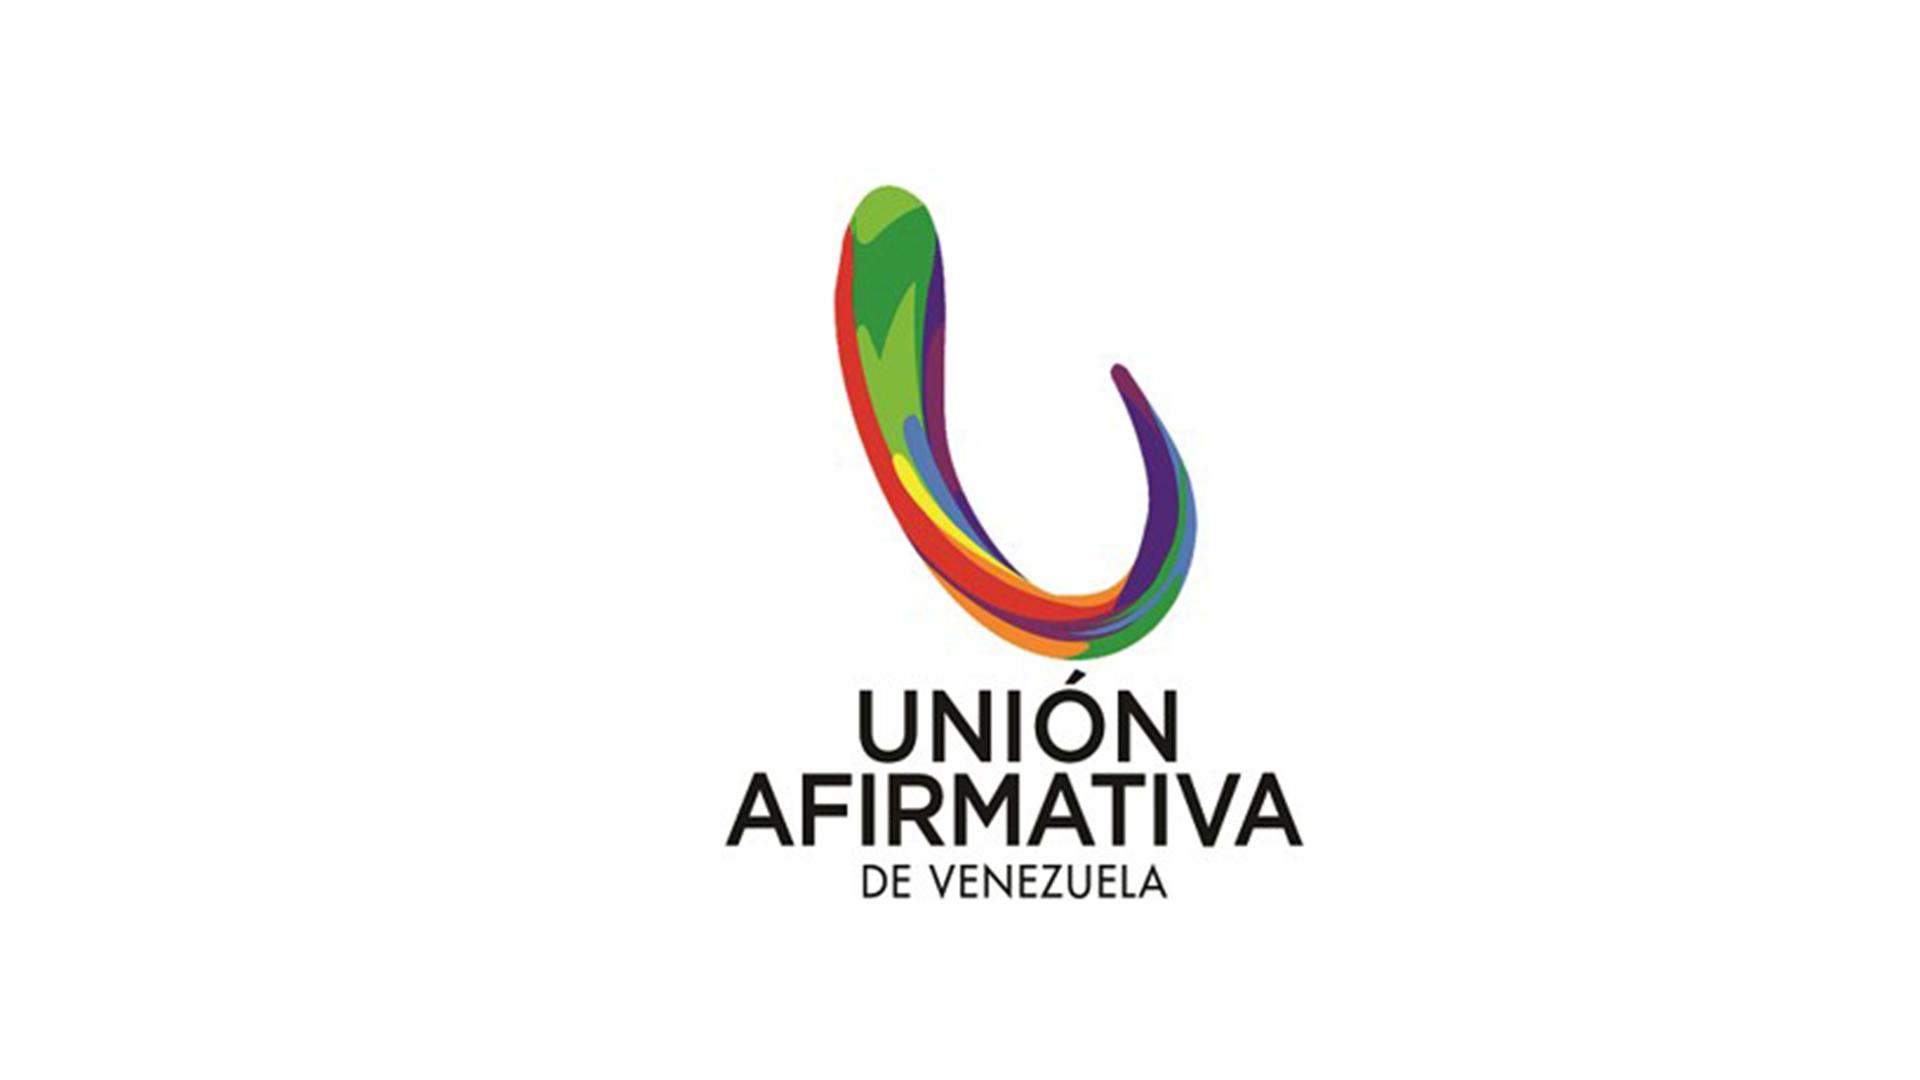 Unión Afirmativa exige al Estado cumplir compromisos con la comunidad LGBTI